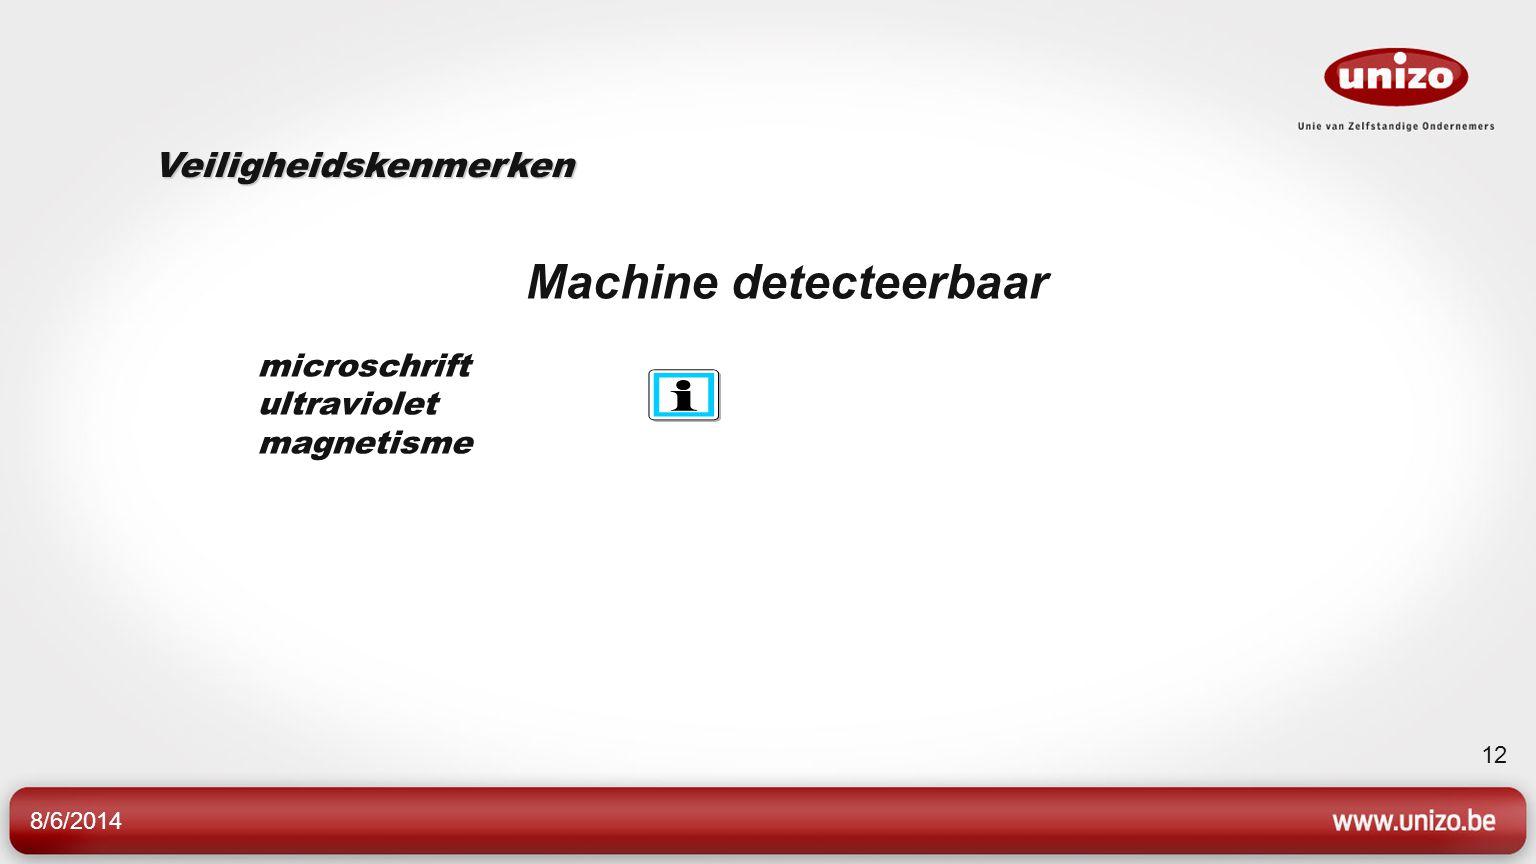 8/6/2014 12 microschrift ultraviolet magnetisme Machine detecteerbaar Veiligheidskenmerken